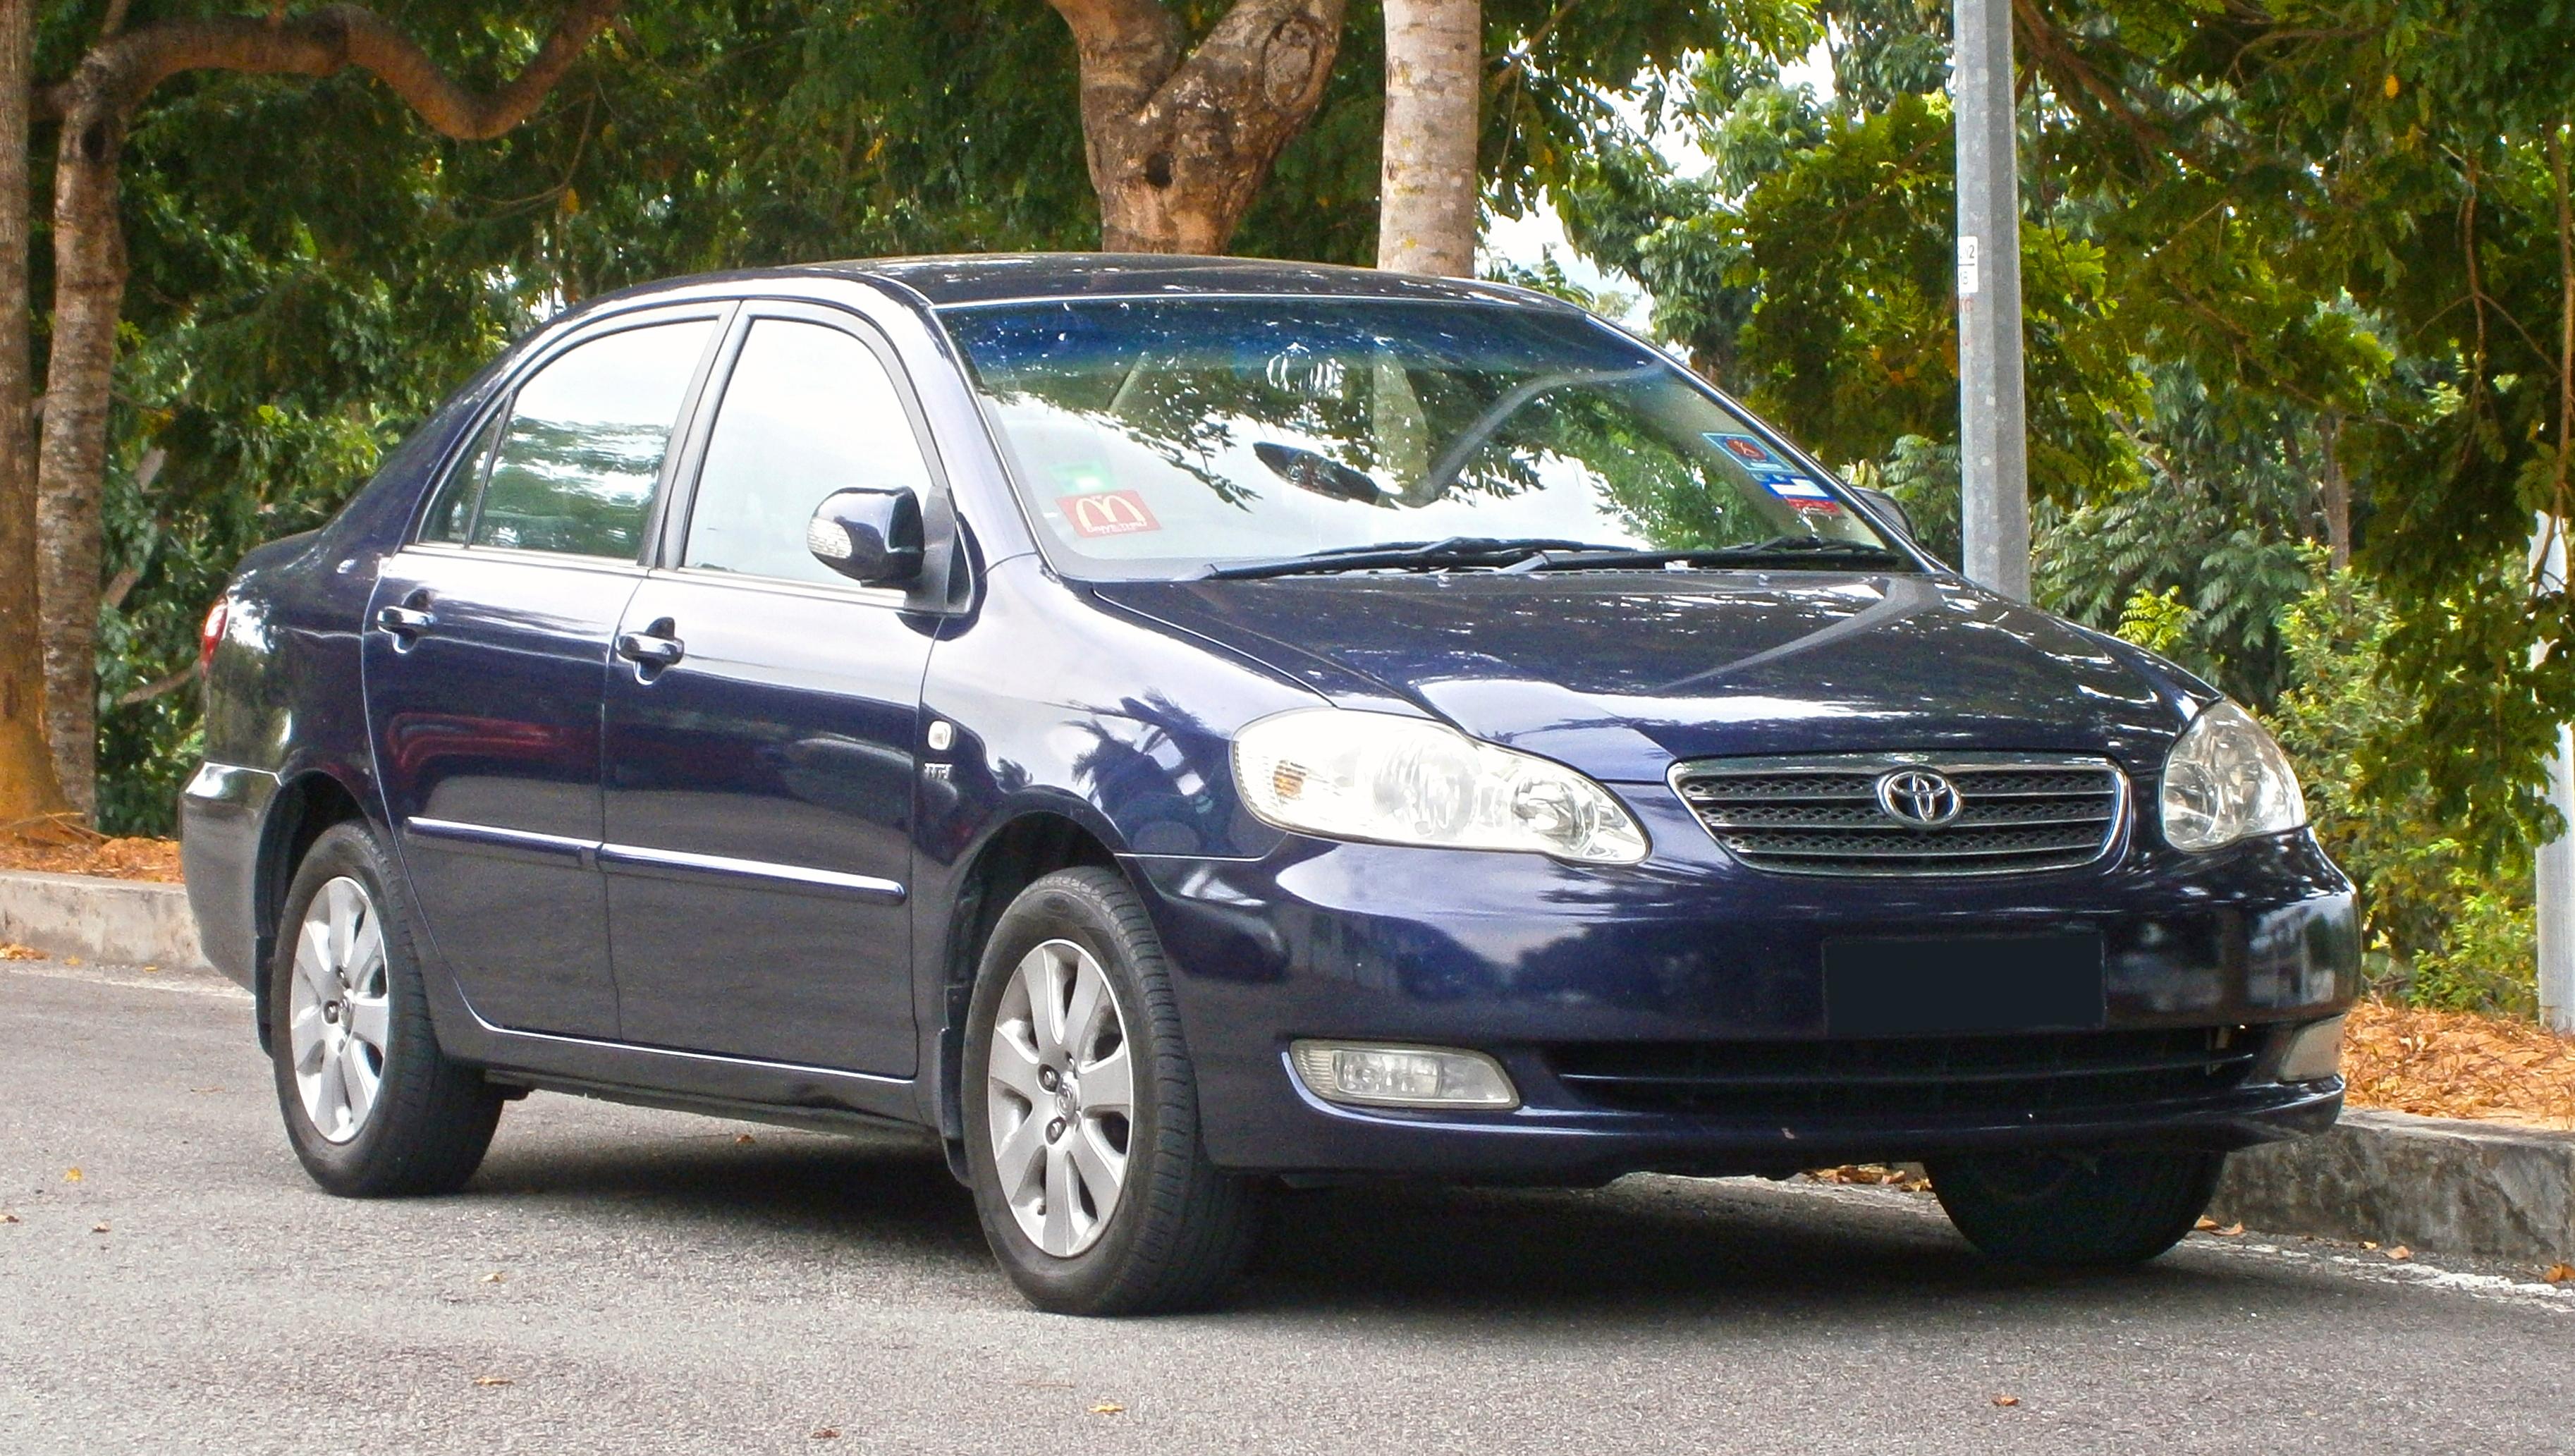 Kelebihan Toyota Altis 2005 Top Model Tahun Ini